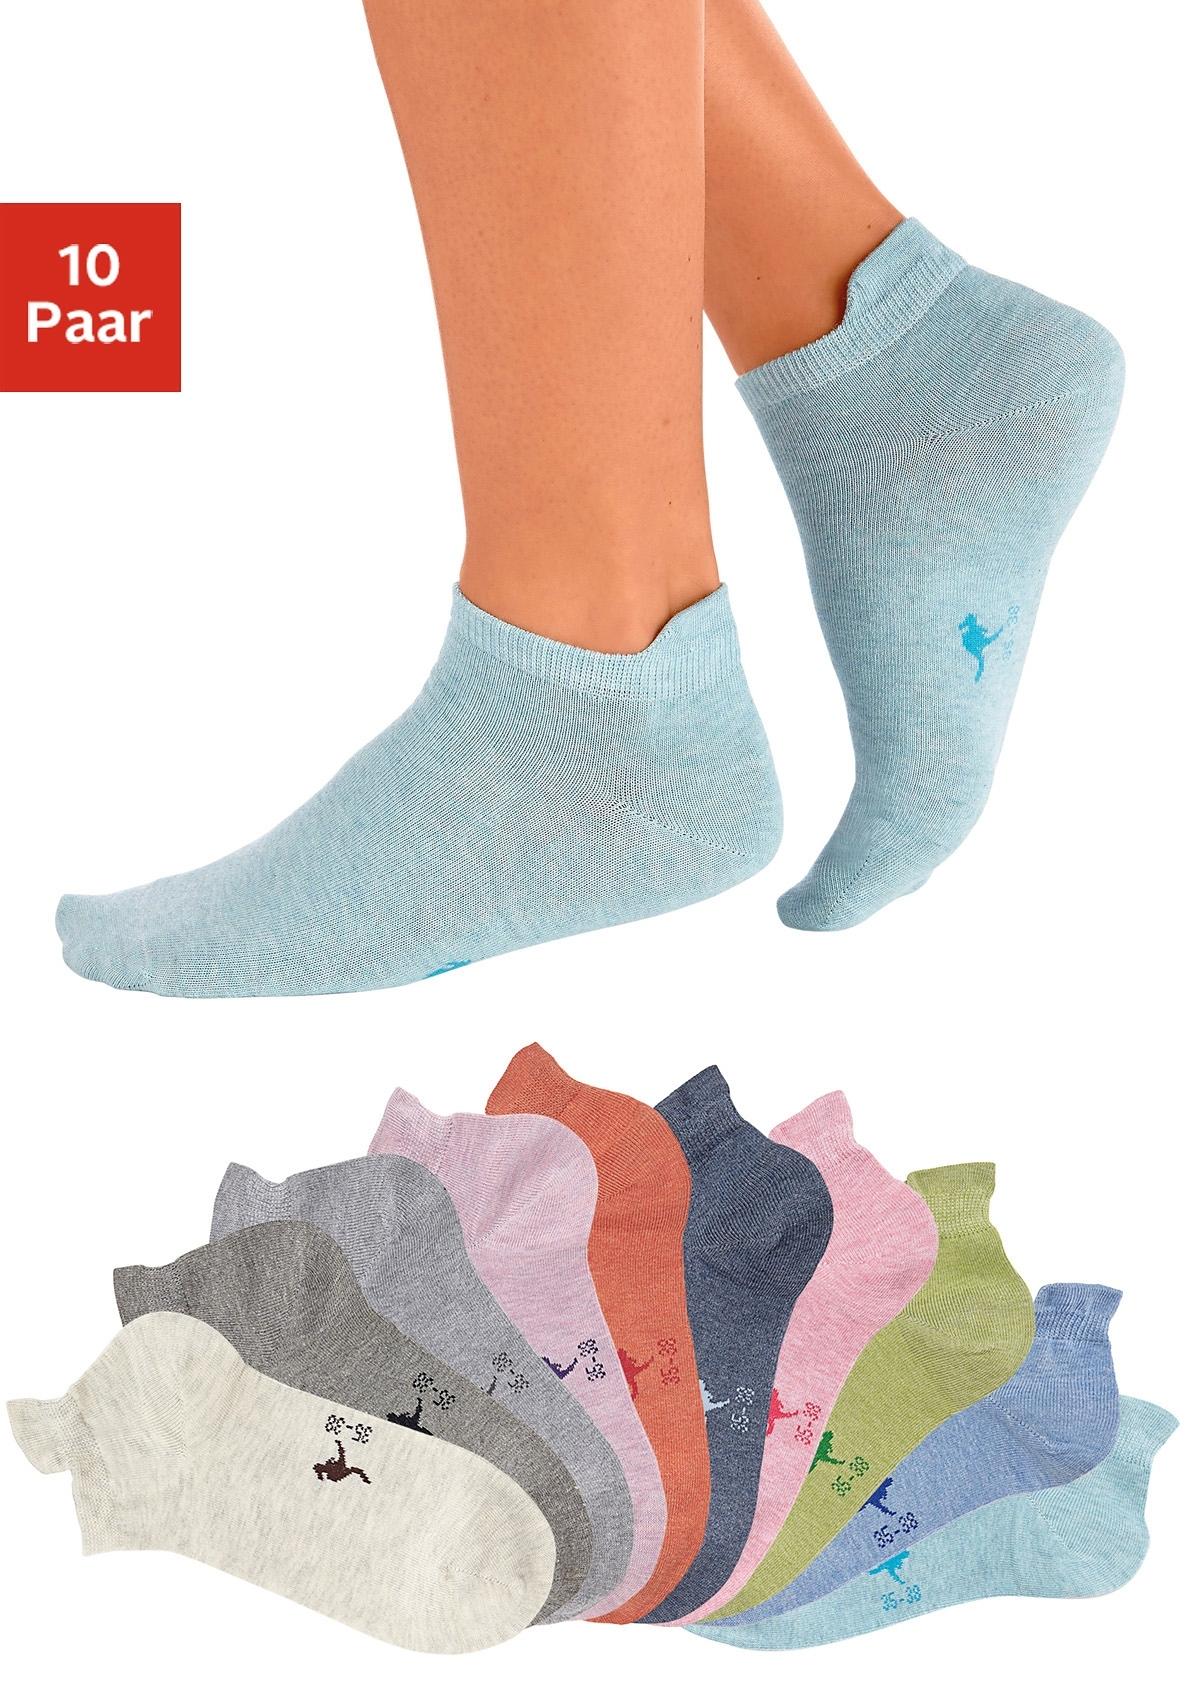 KangaROOS sneakersokken met verhoogde hiel (10 paar) online kopen op lascana.nl